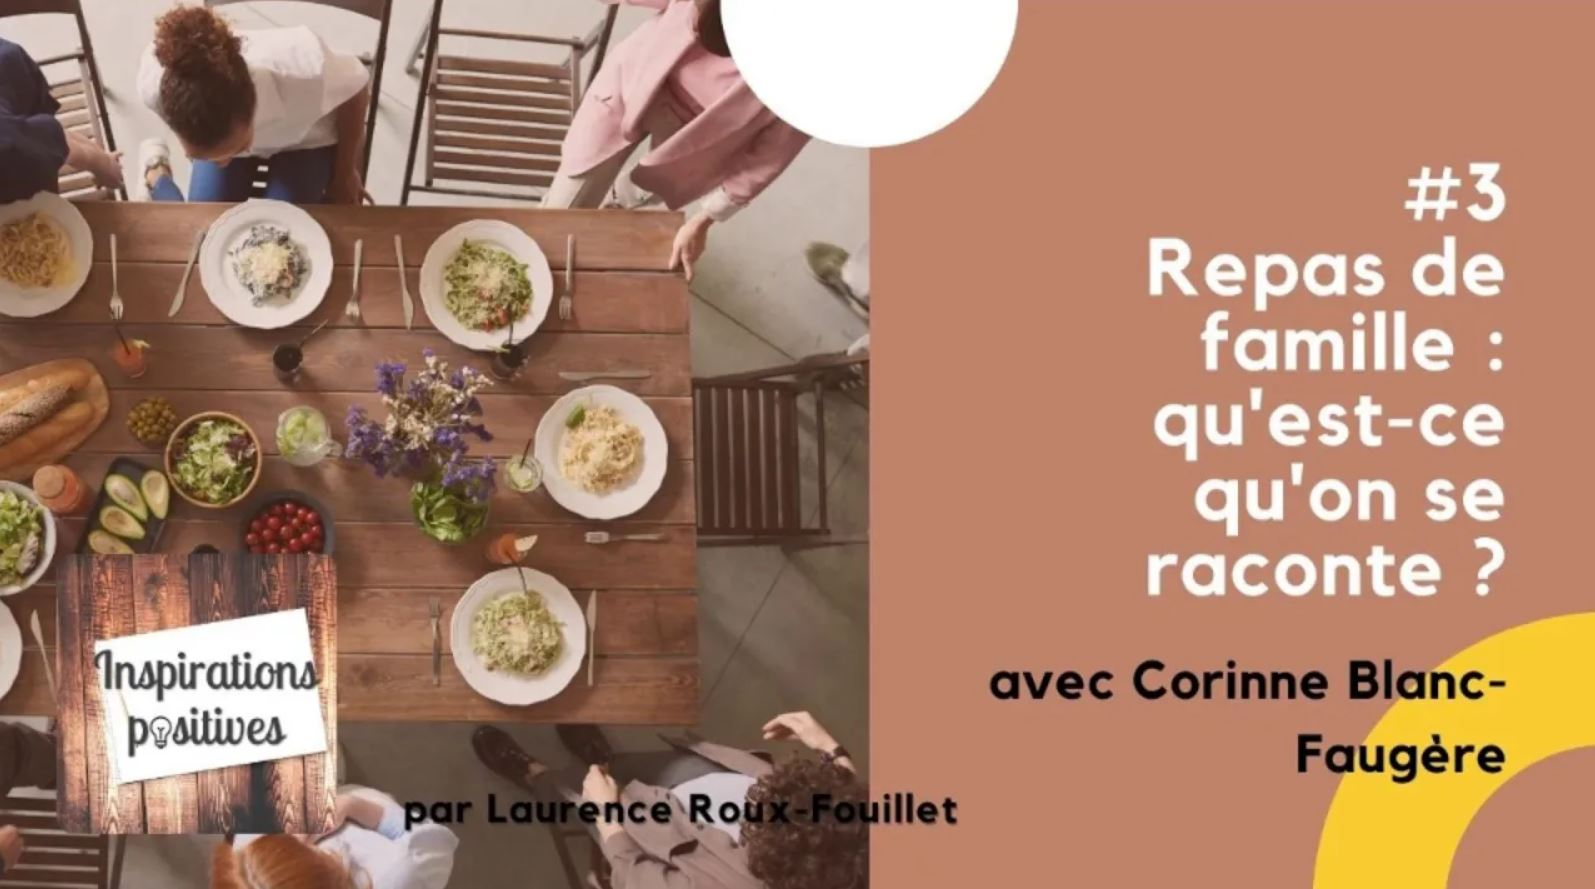 #3 - Repas de famille, qu'est-ce qu'on se raconte ?